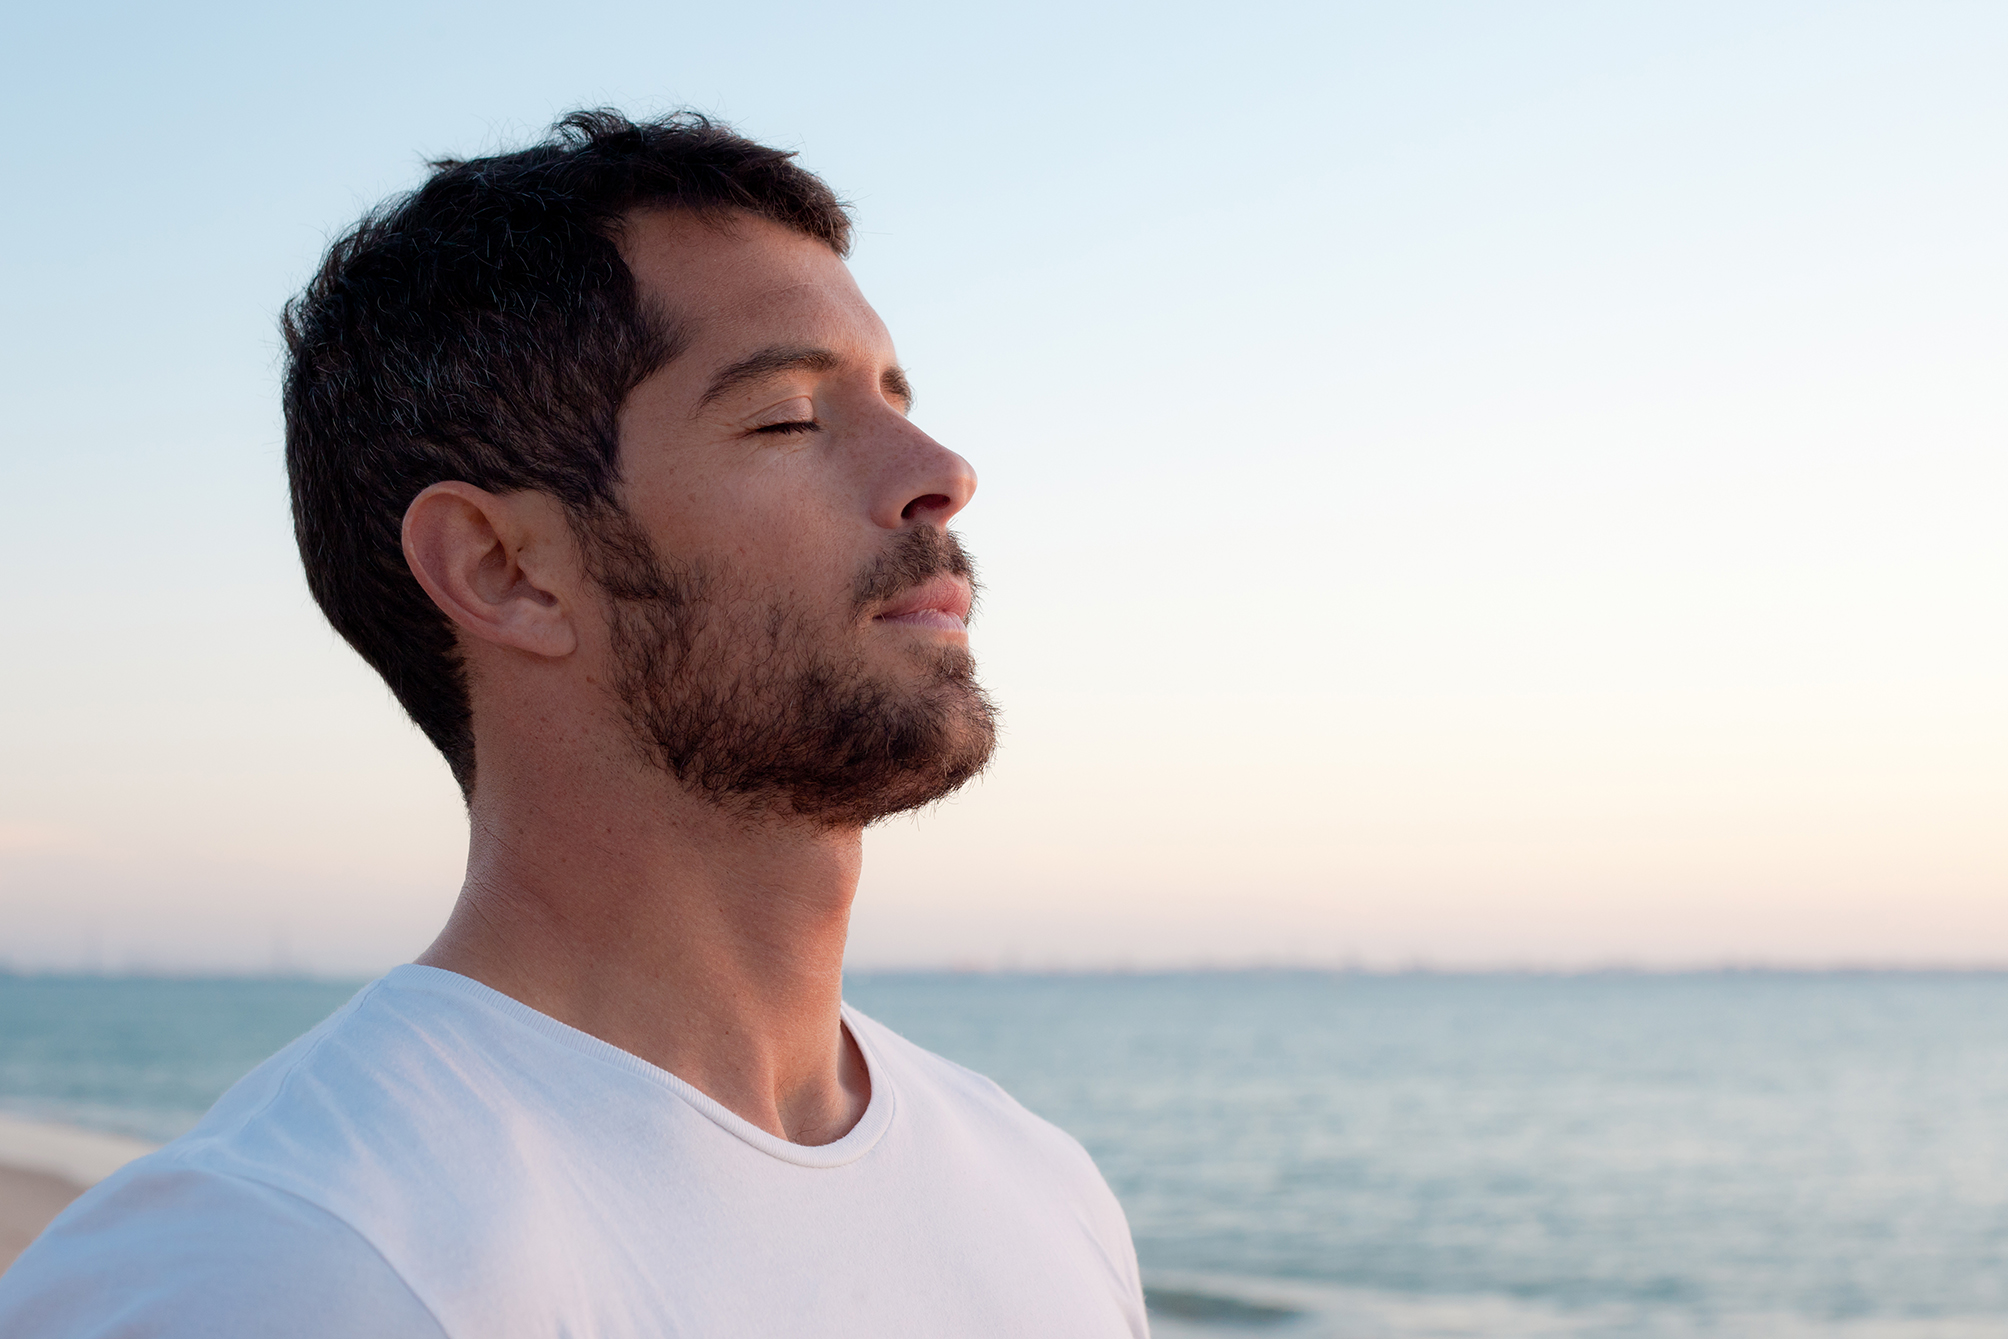 درمان افسردگی با تنفس عمیق